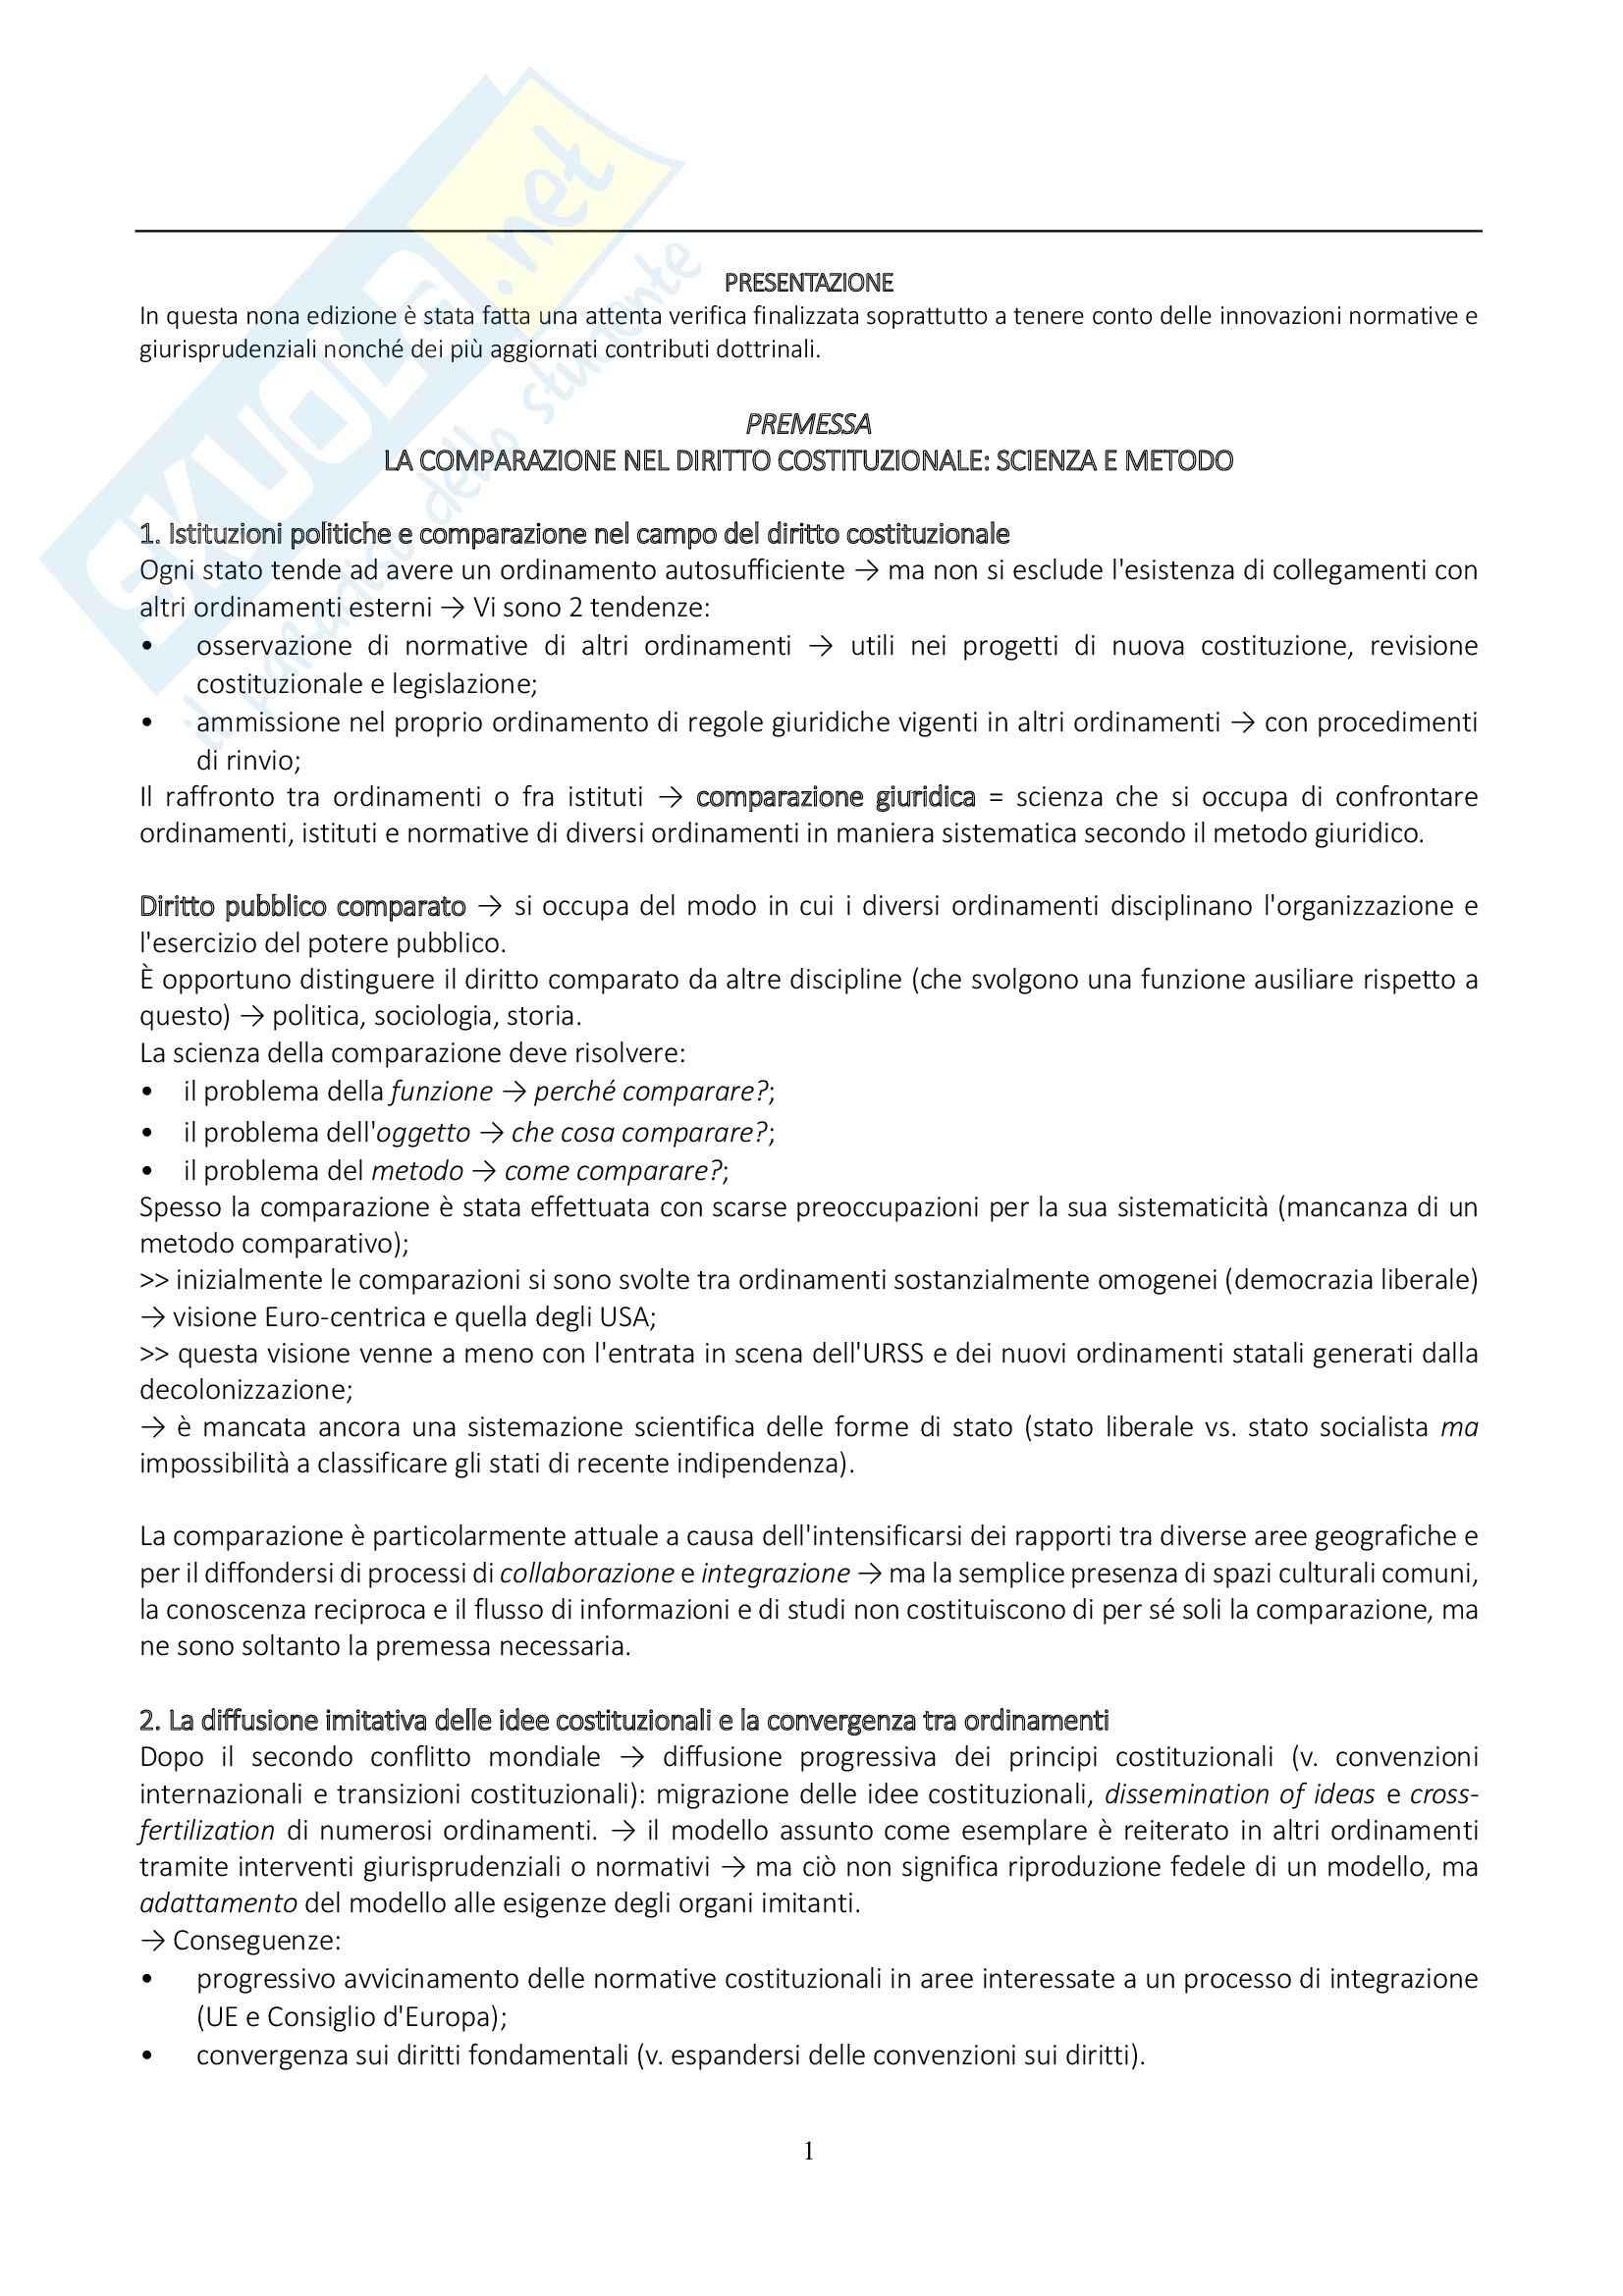 appunto S. Mancini Diritto pubblico comparato